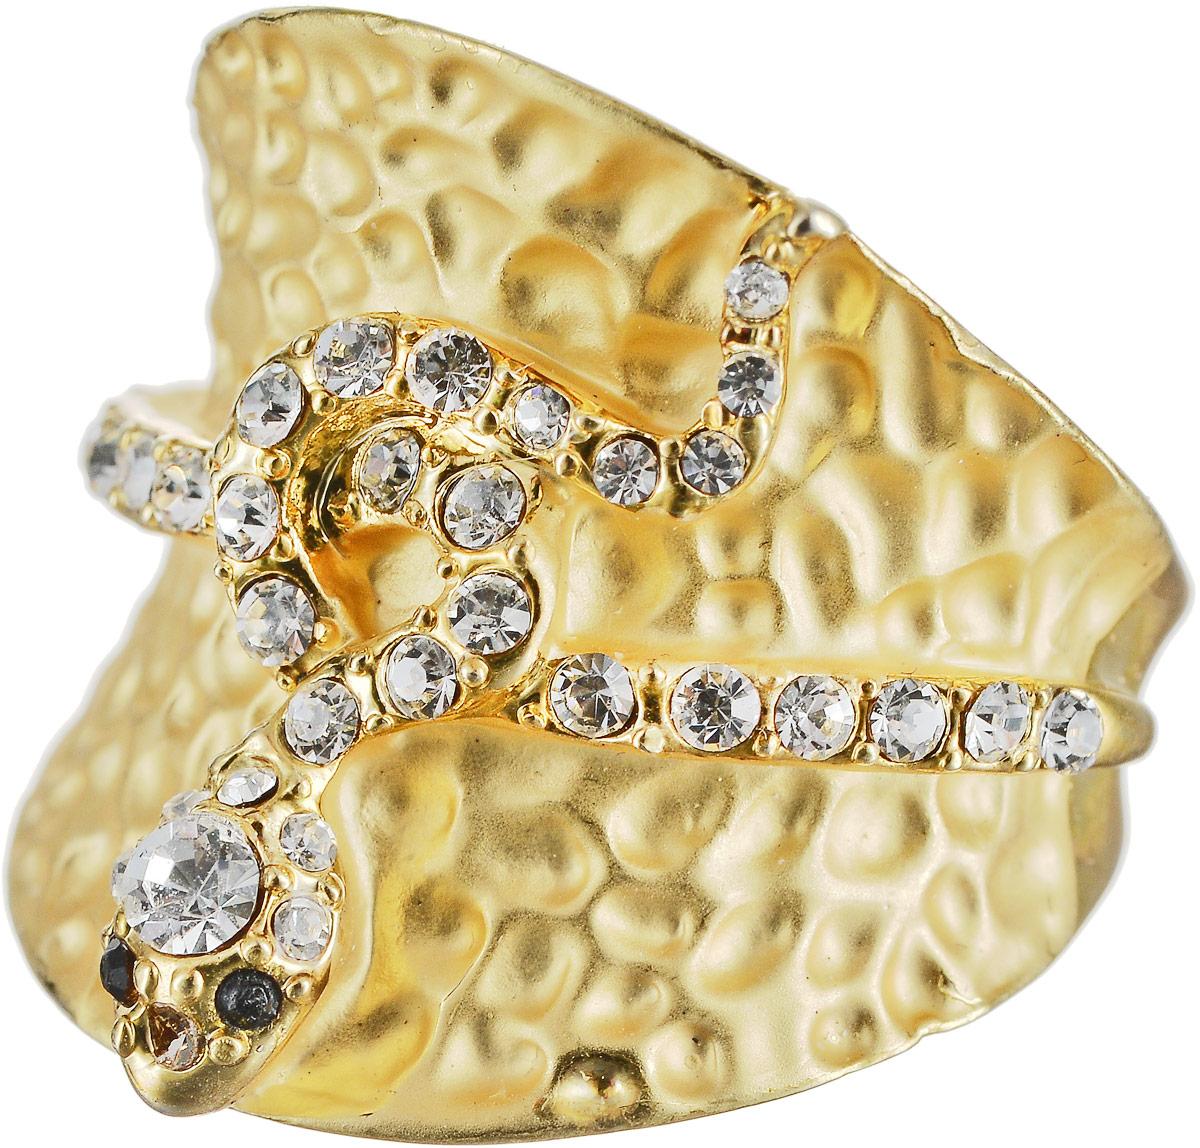 Кольцо Art-Silver, цвет: золотой. М341-540. Размер 17,5 серьги art silver цвет золотой м5078 405